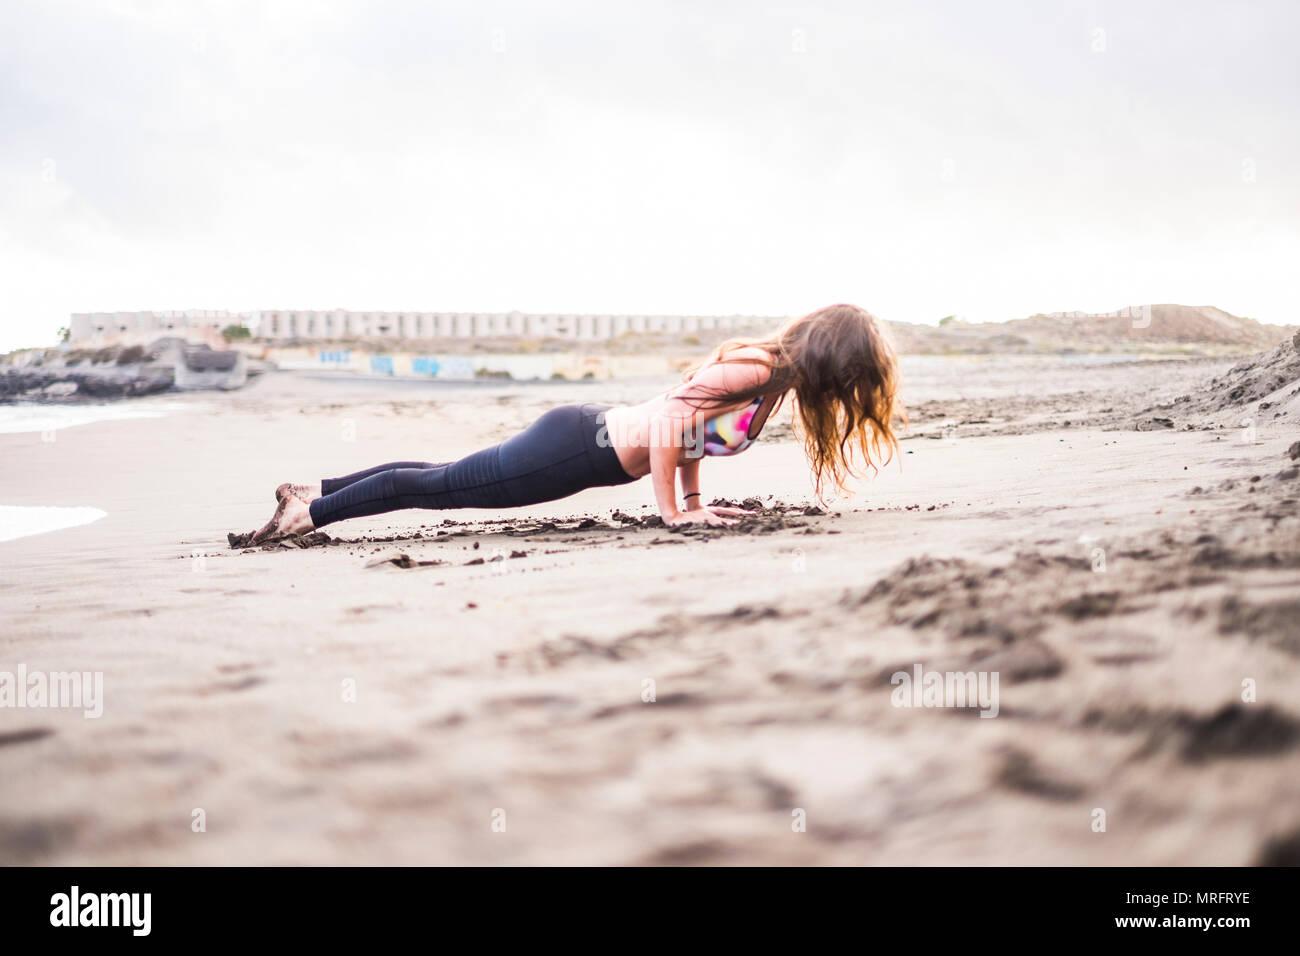 Yoga y Pilates resto posición fuerte para resistir y ser duro. bonita señorita haciendo fitness en la playa en actividad de ocio al aire libre. arena y solitaria p Imagen De Stock